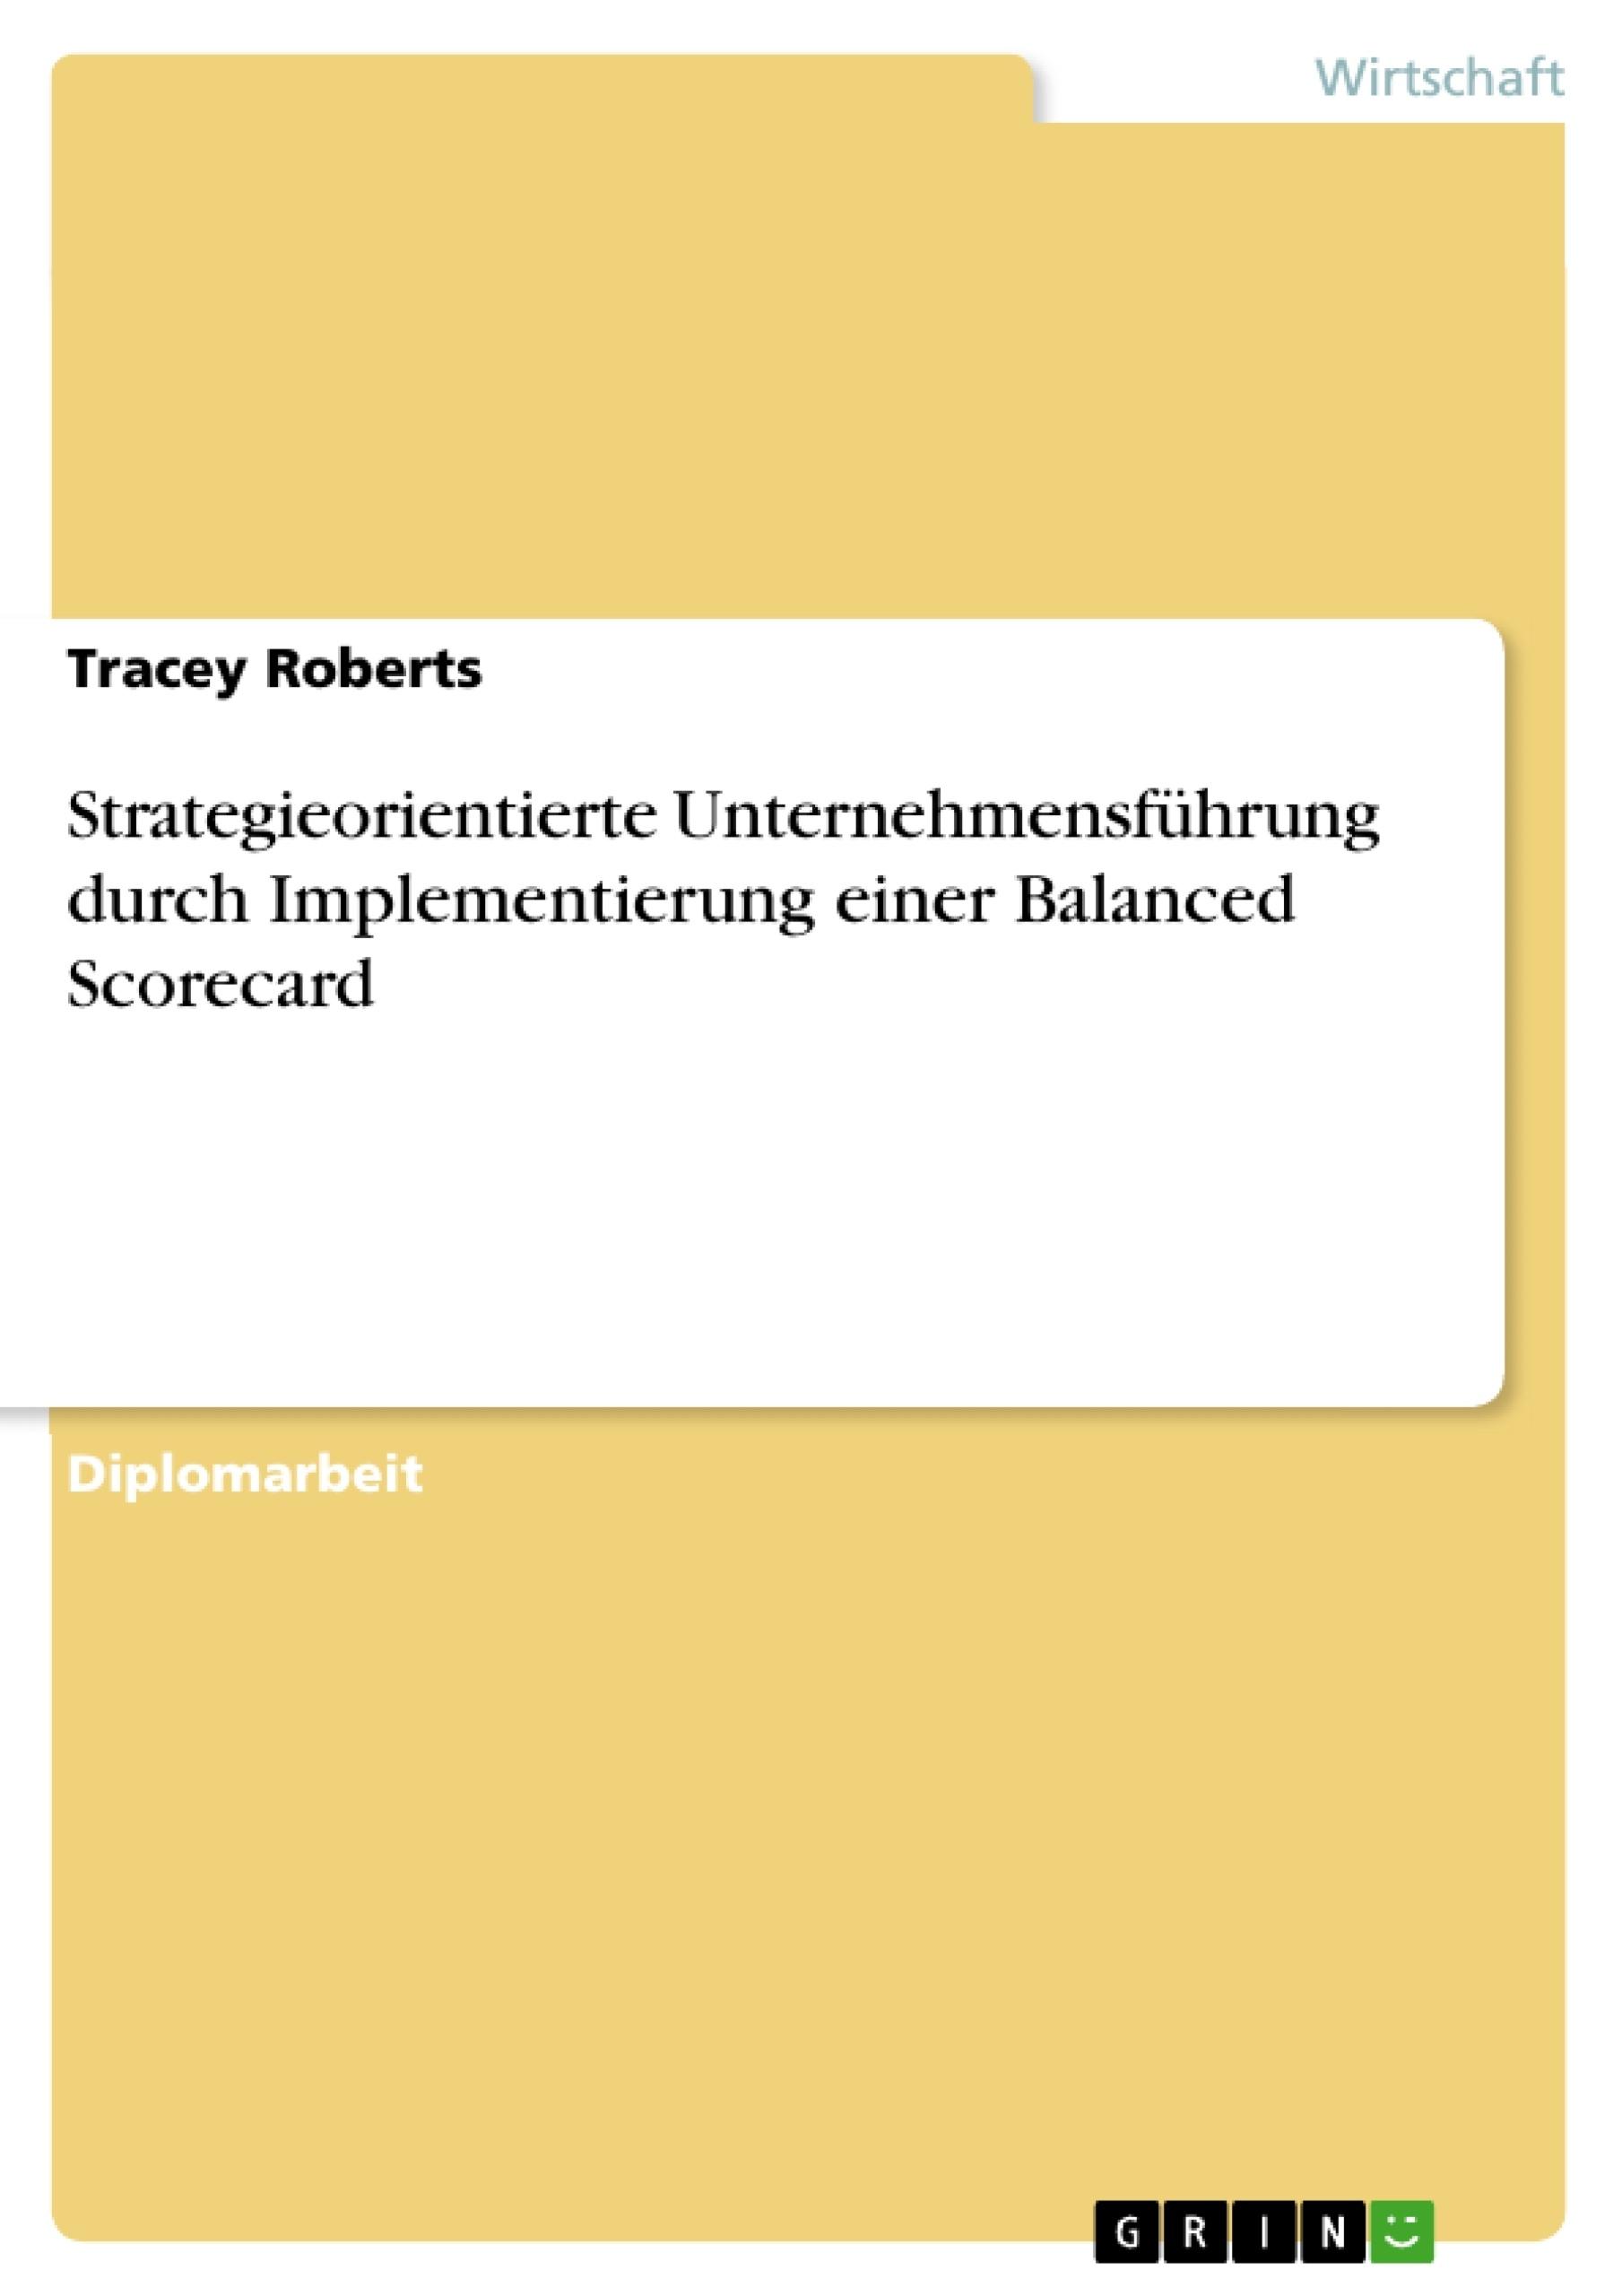 Titel: Strategieorientierte Unternehmensführung durch Implementierung einer Balanced Scorecard